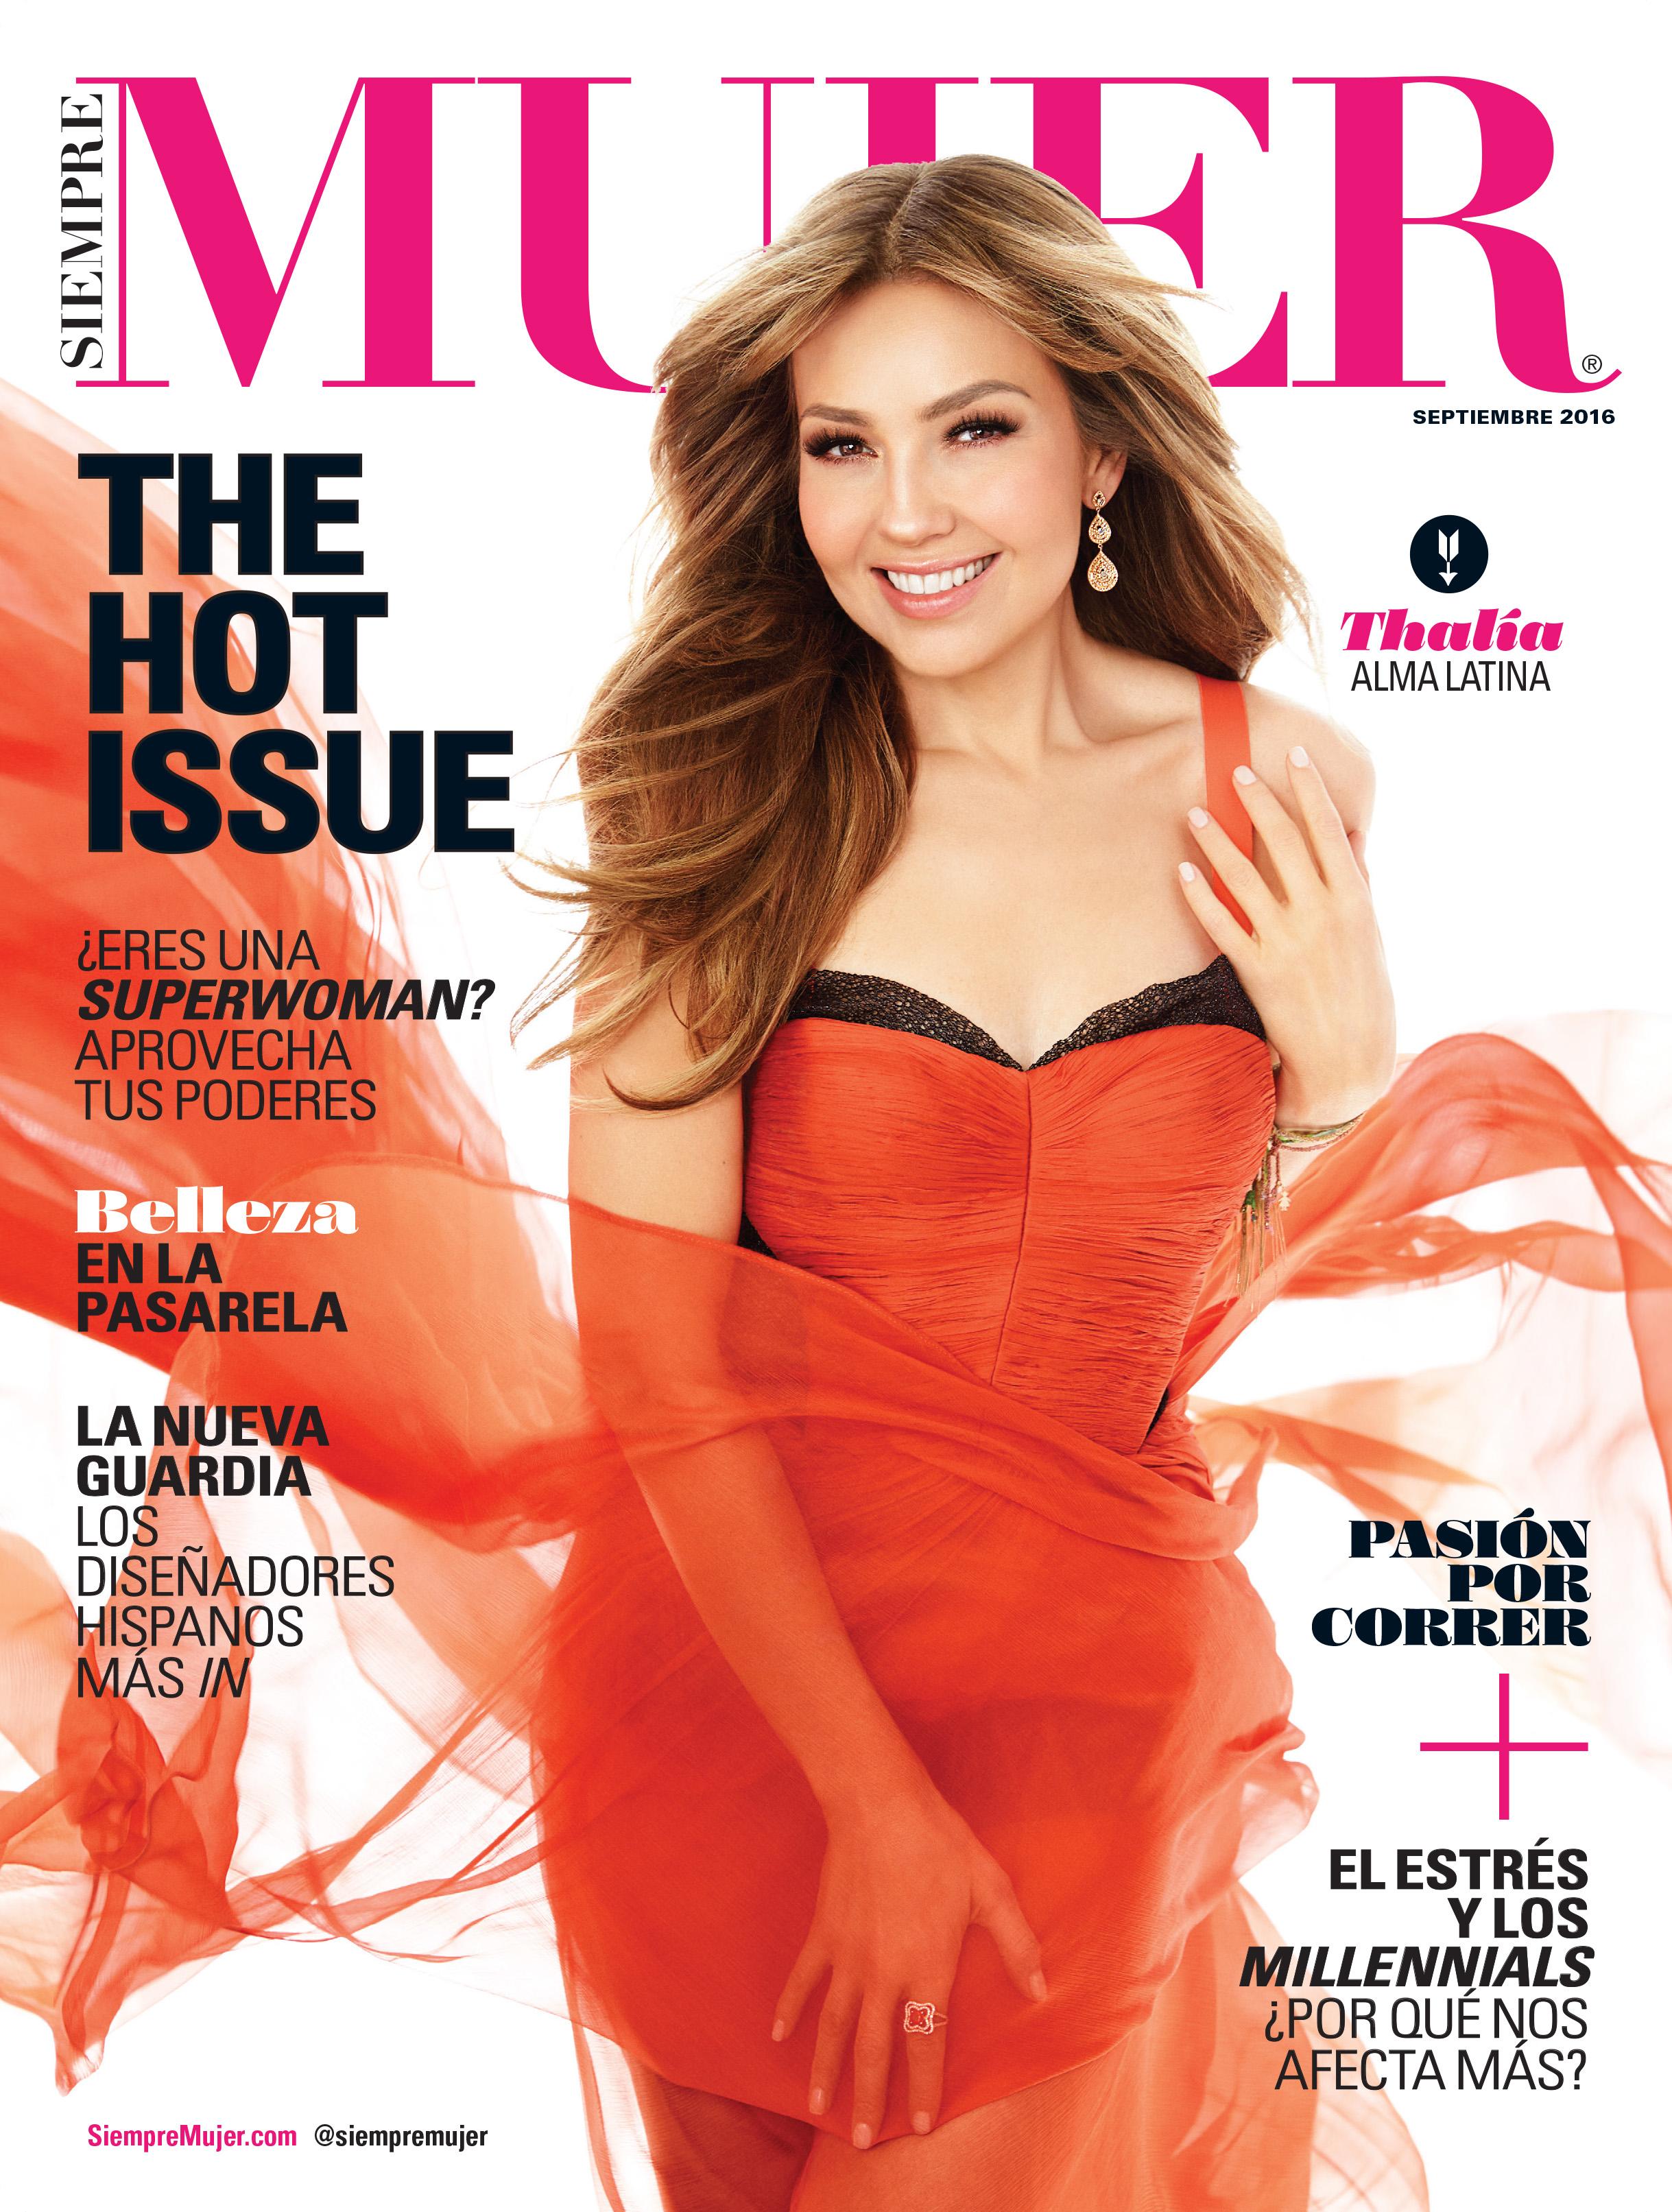 La cantante invitada en esta publicación, confiesa que admira las capacidades de la mujer latina y valora el apoyo de su equipo de trabajo